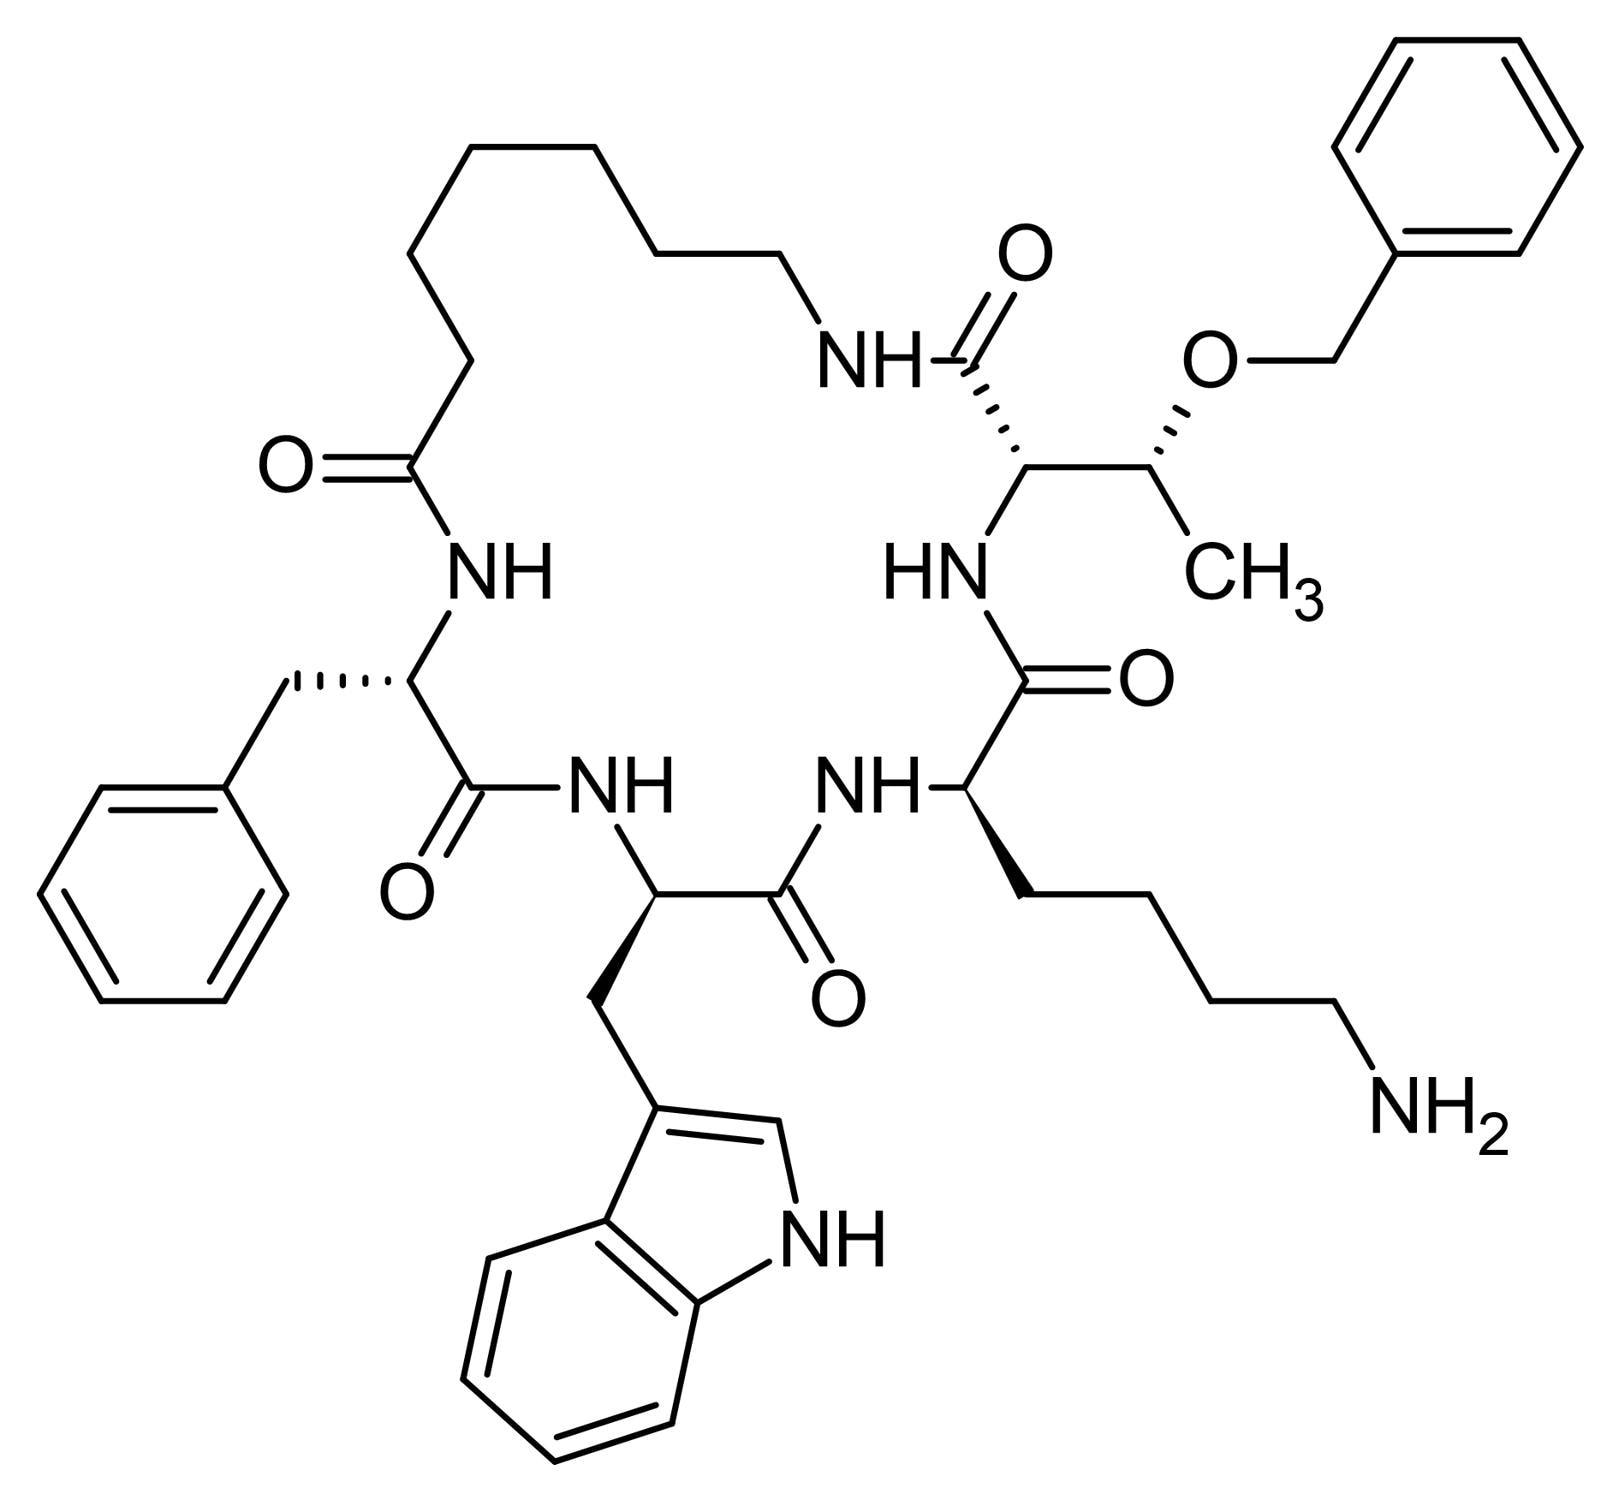 Chemical Structure - Cyclosomatostatin, Somatostatin antagonist. (ab141211)